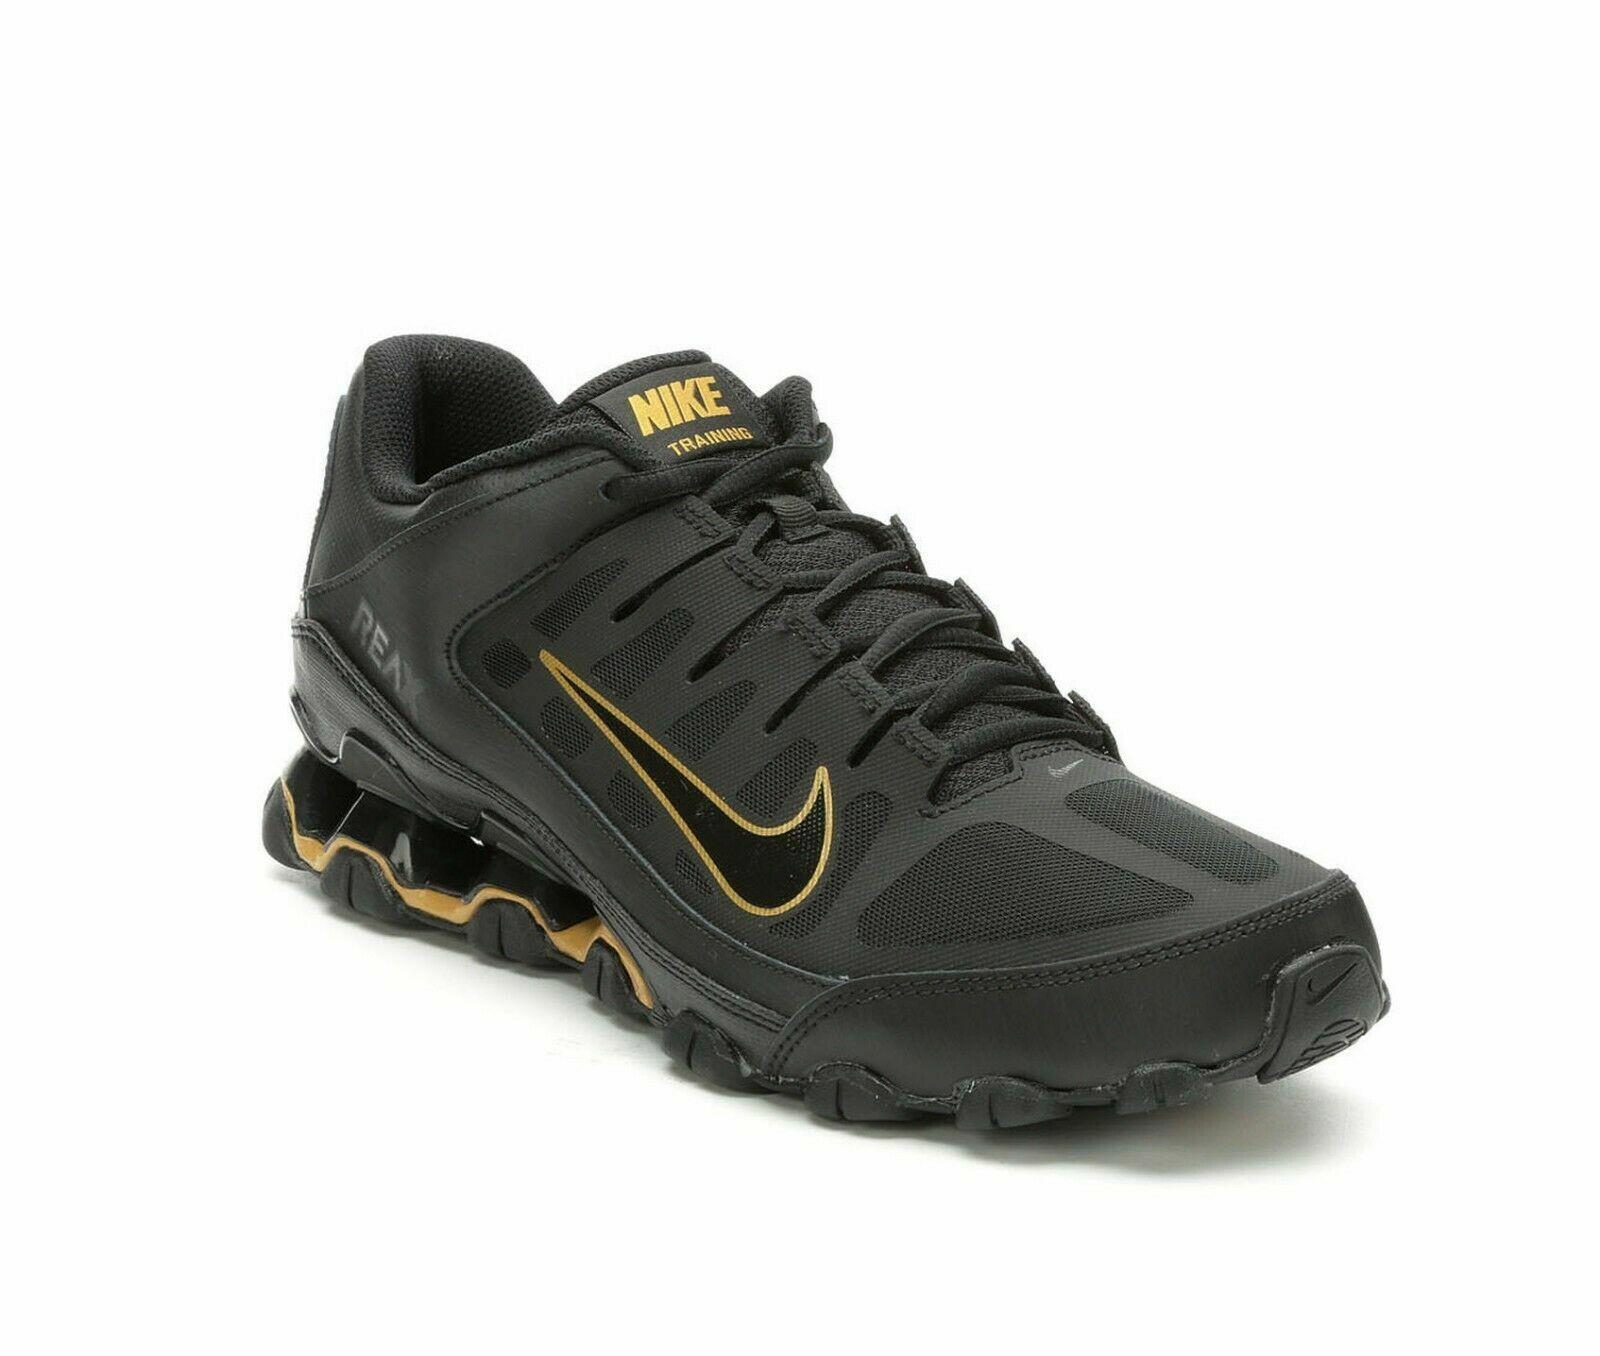 Nike Reax 8 TR Mesh   Running Training  621716 020   Black Metallic gold  NIB